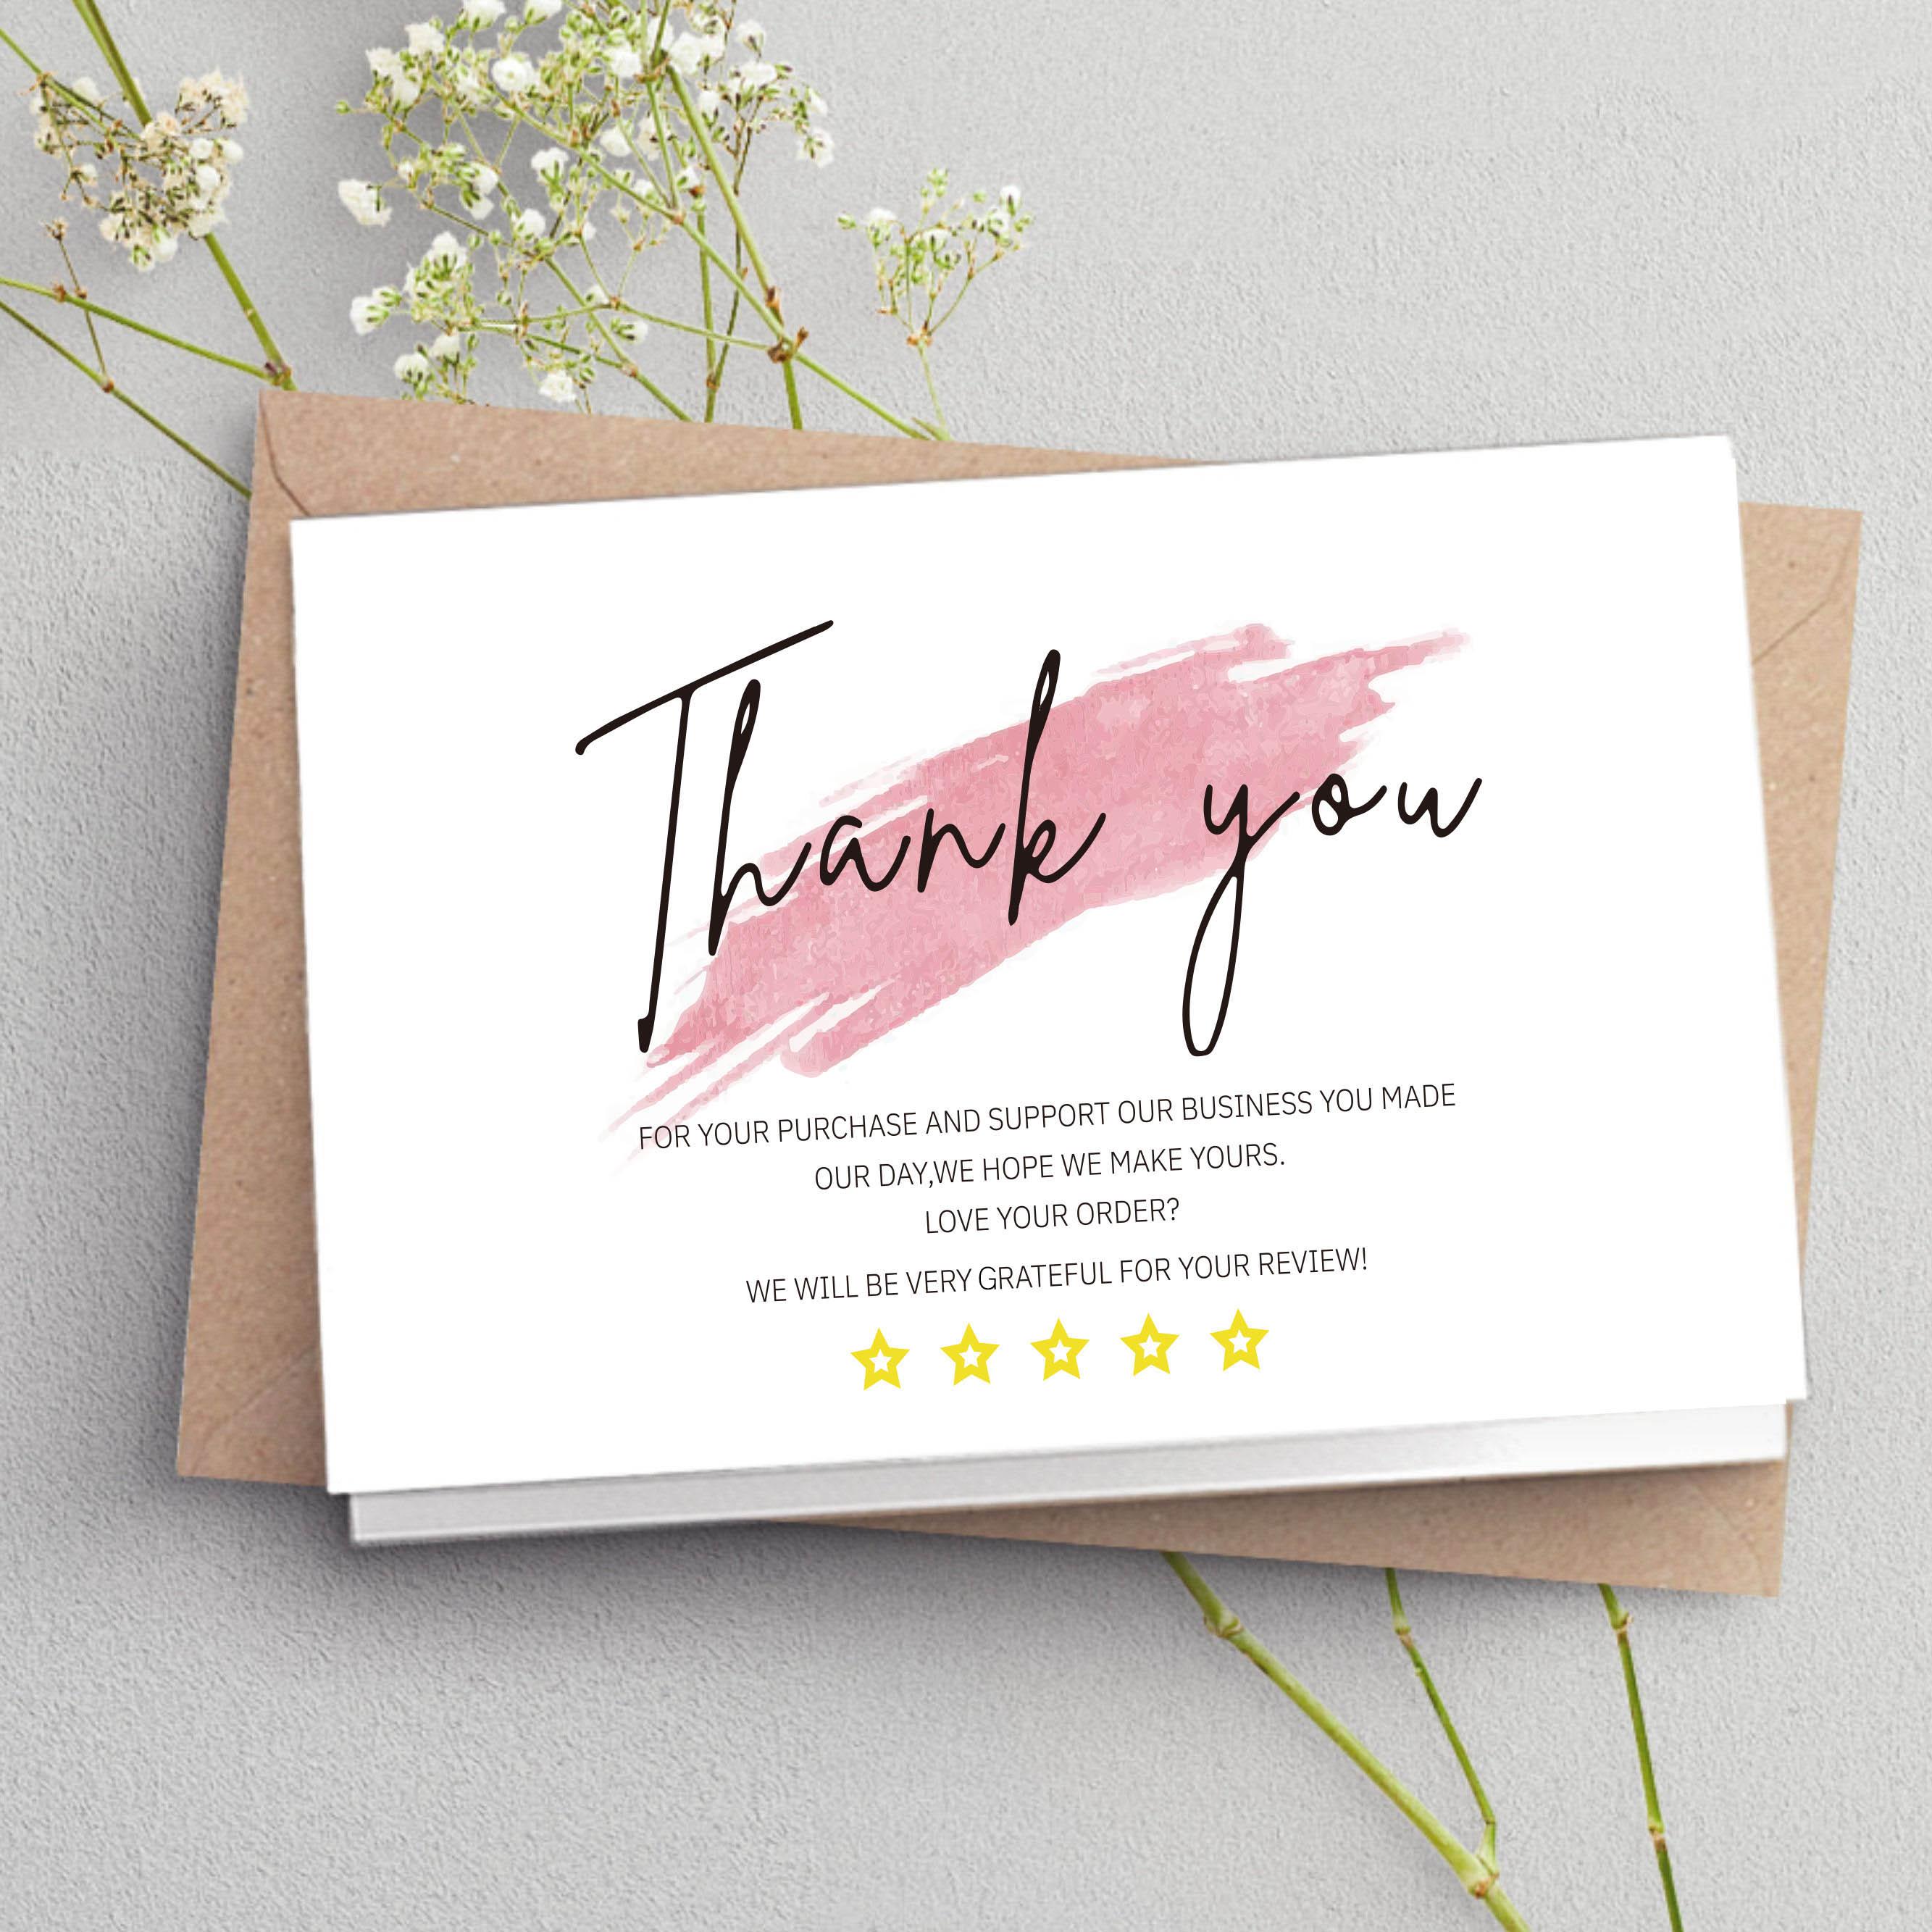 30 шт. белая благодарственная открытка спасибо за ваш заказ карты хвалю этикетки для малого бизнеса декор для маленького магазина подарочны...